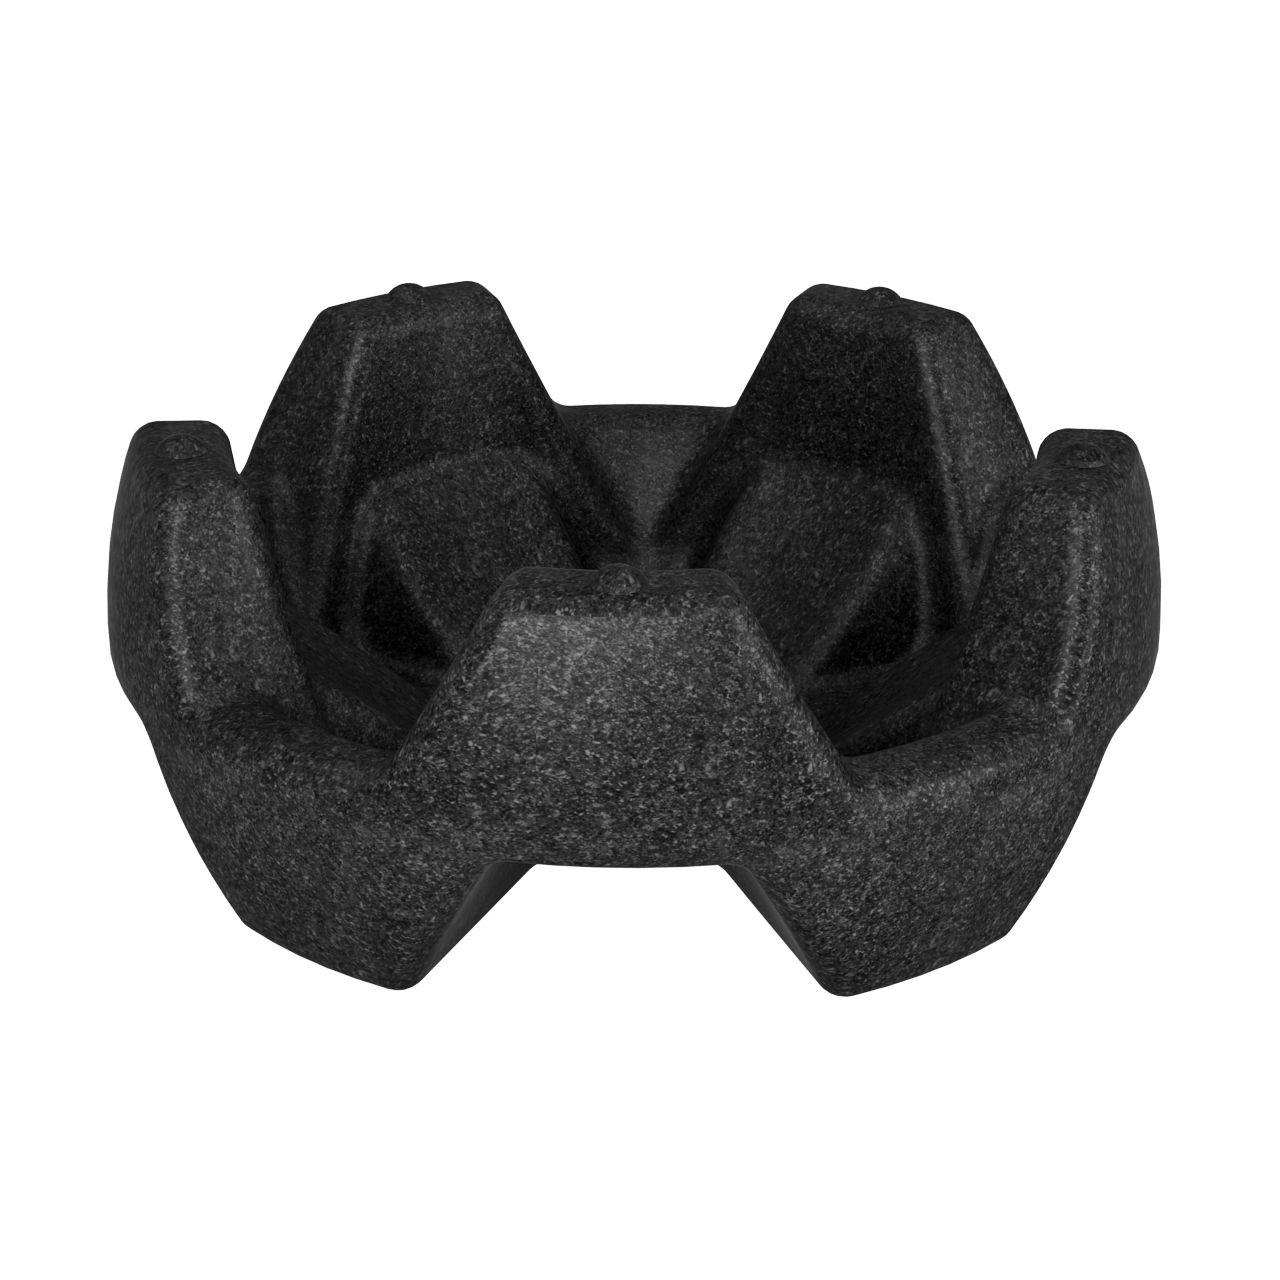 Вазон пластиковый FLOX черный гранит